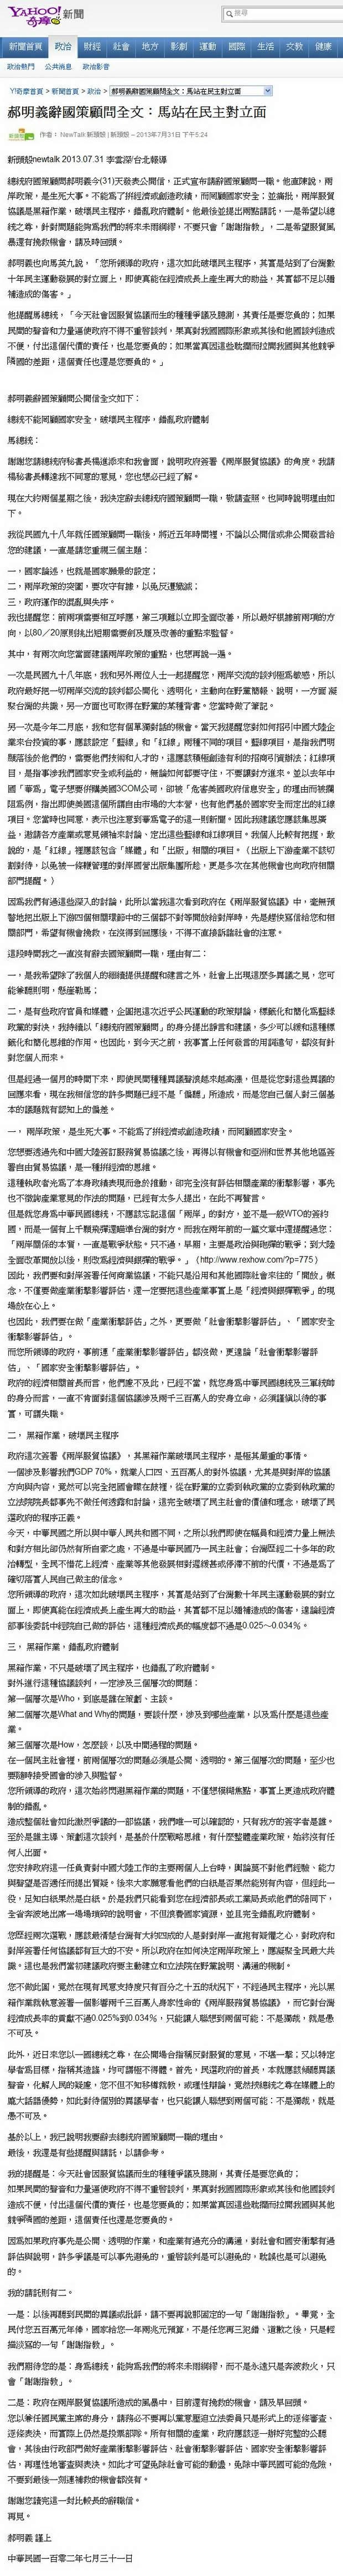 郝明義辭國策顧問全文:馬站在民主對立面-2013.07.31.jpg